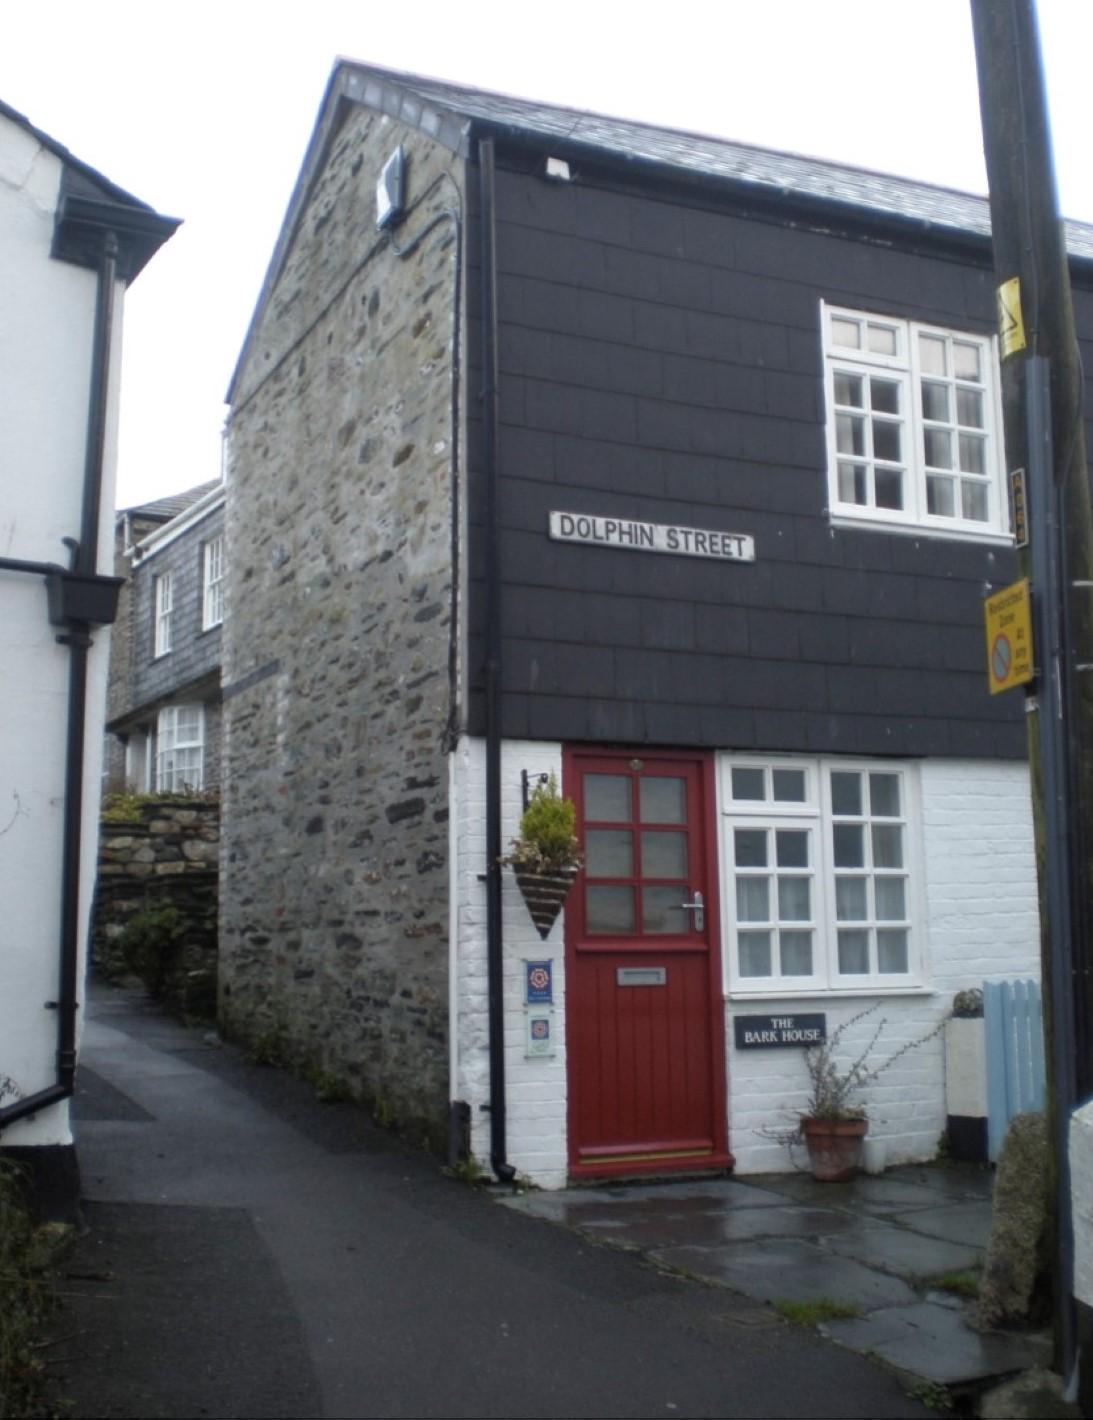 Bark House, Dolphin Street